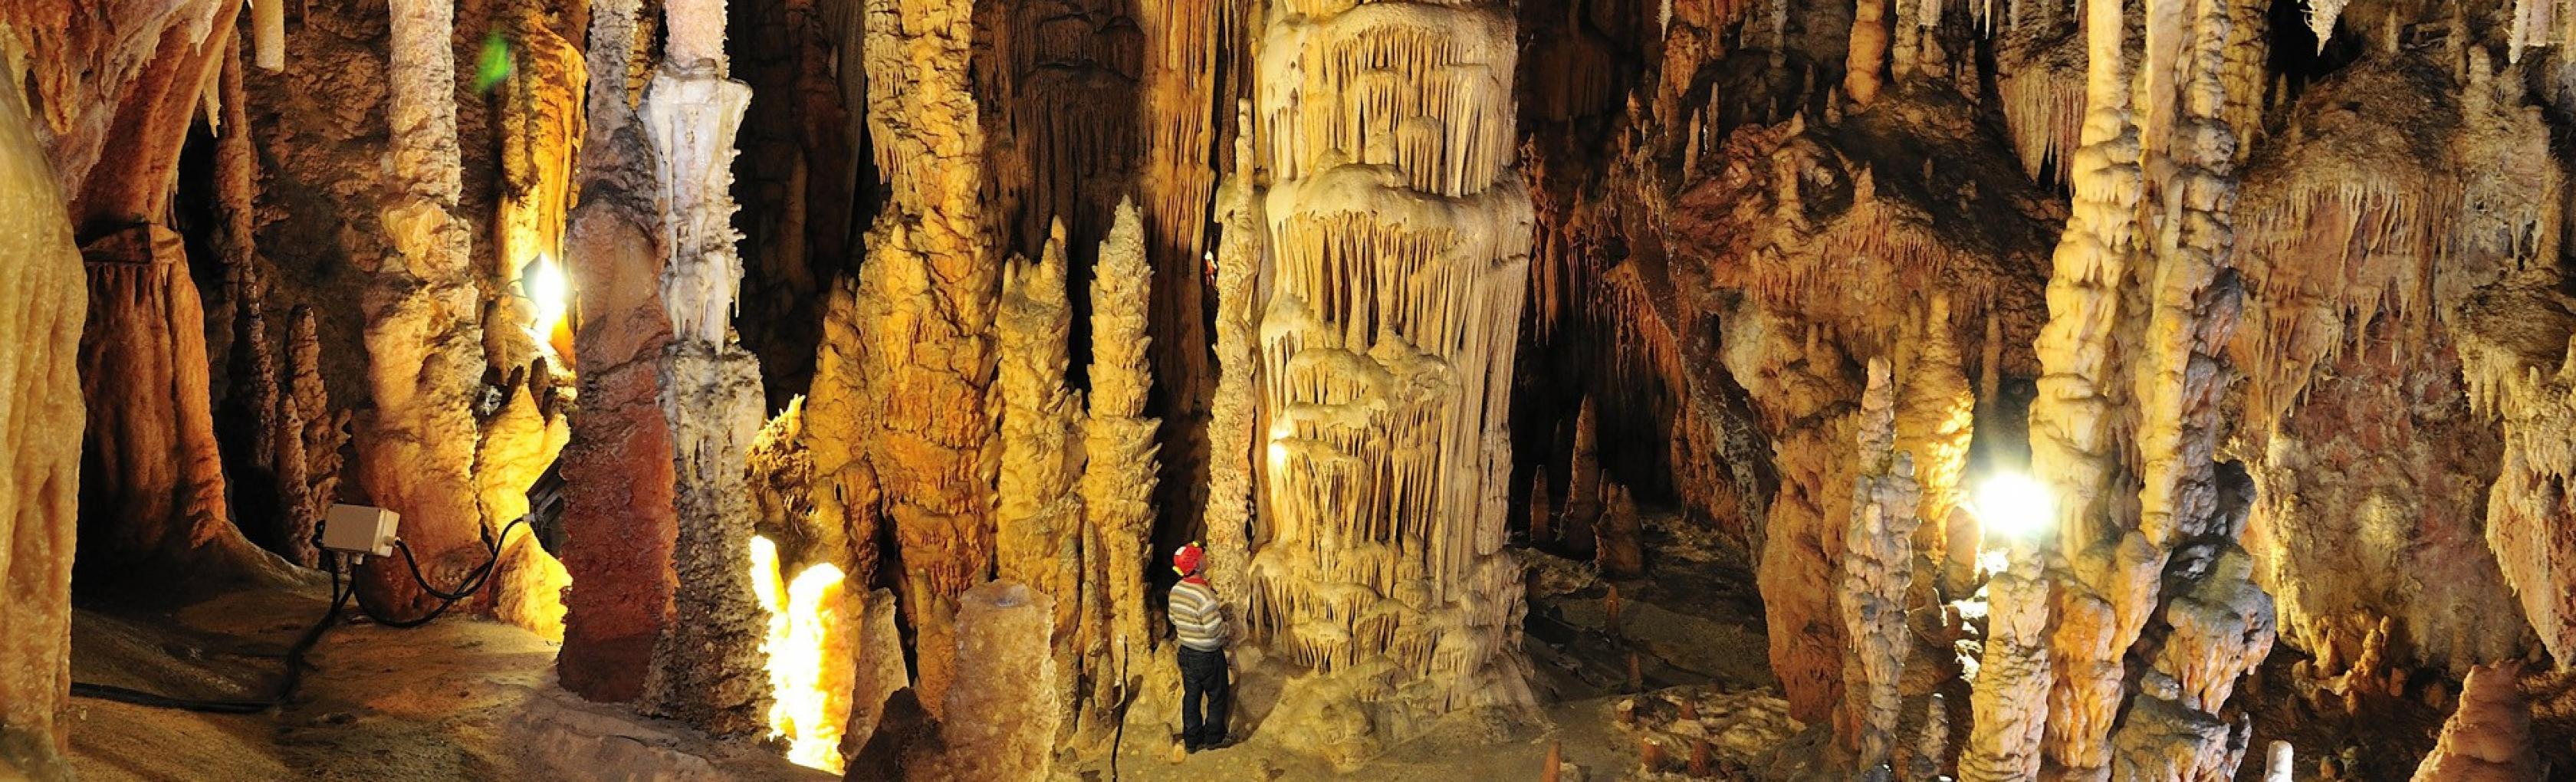 Grotta del Miracolo - Baunei